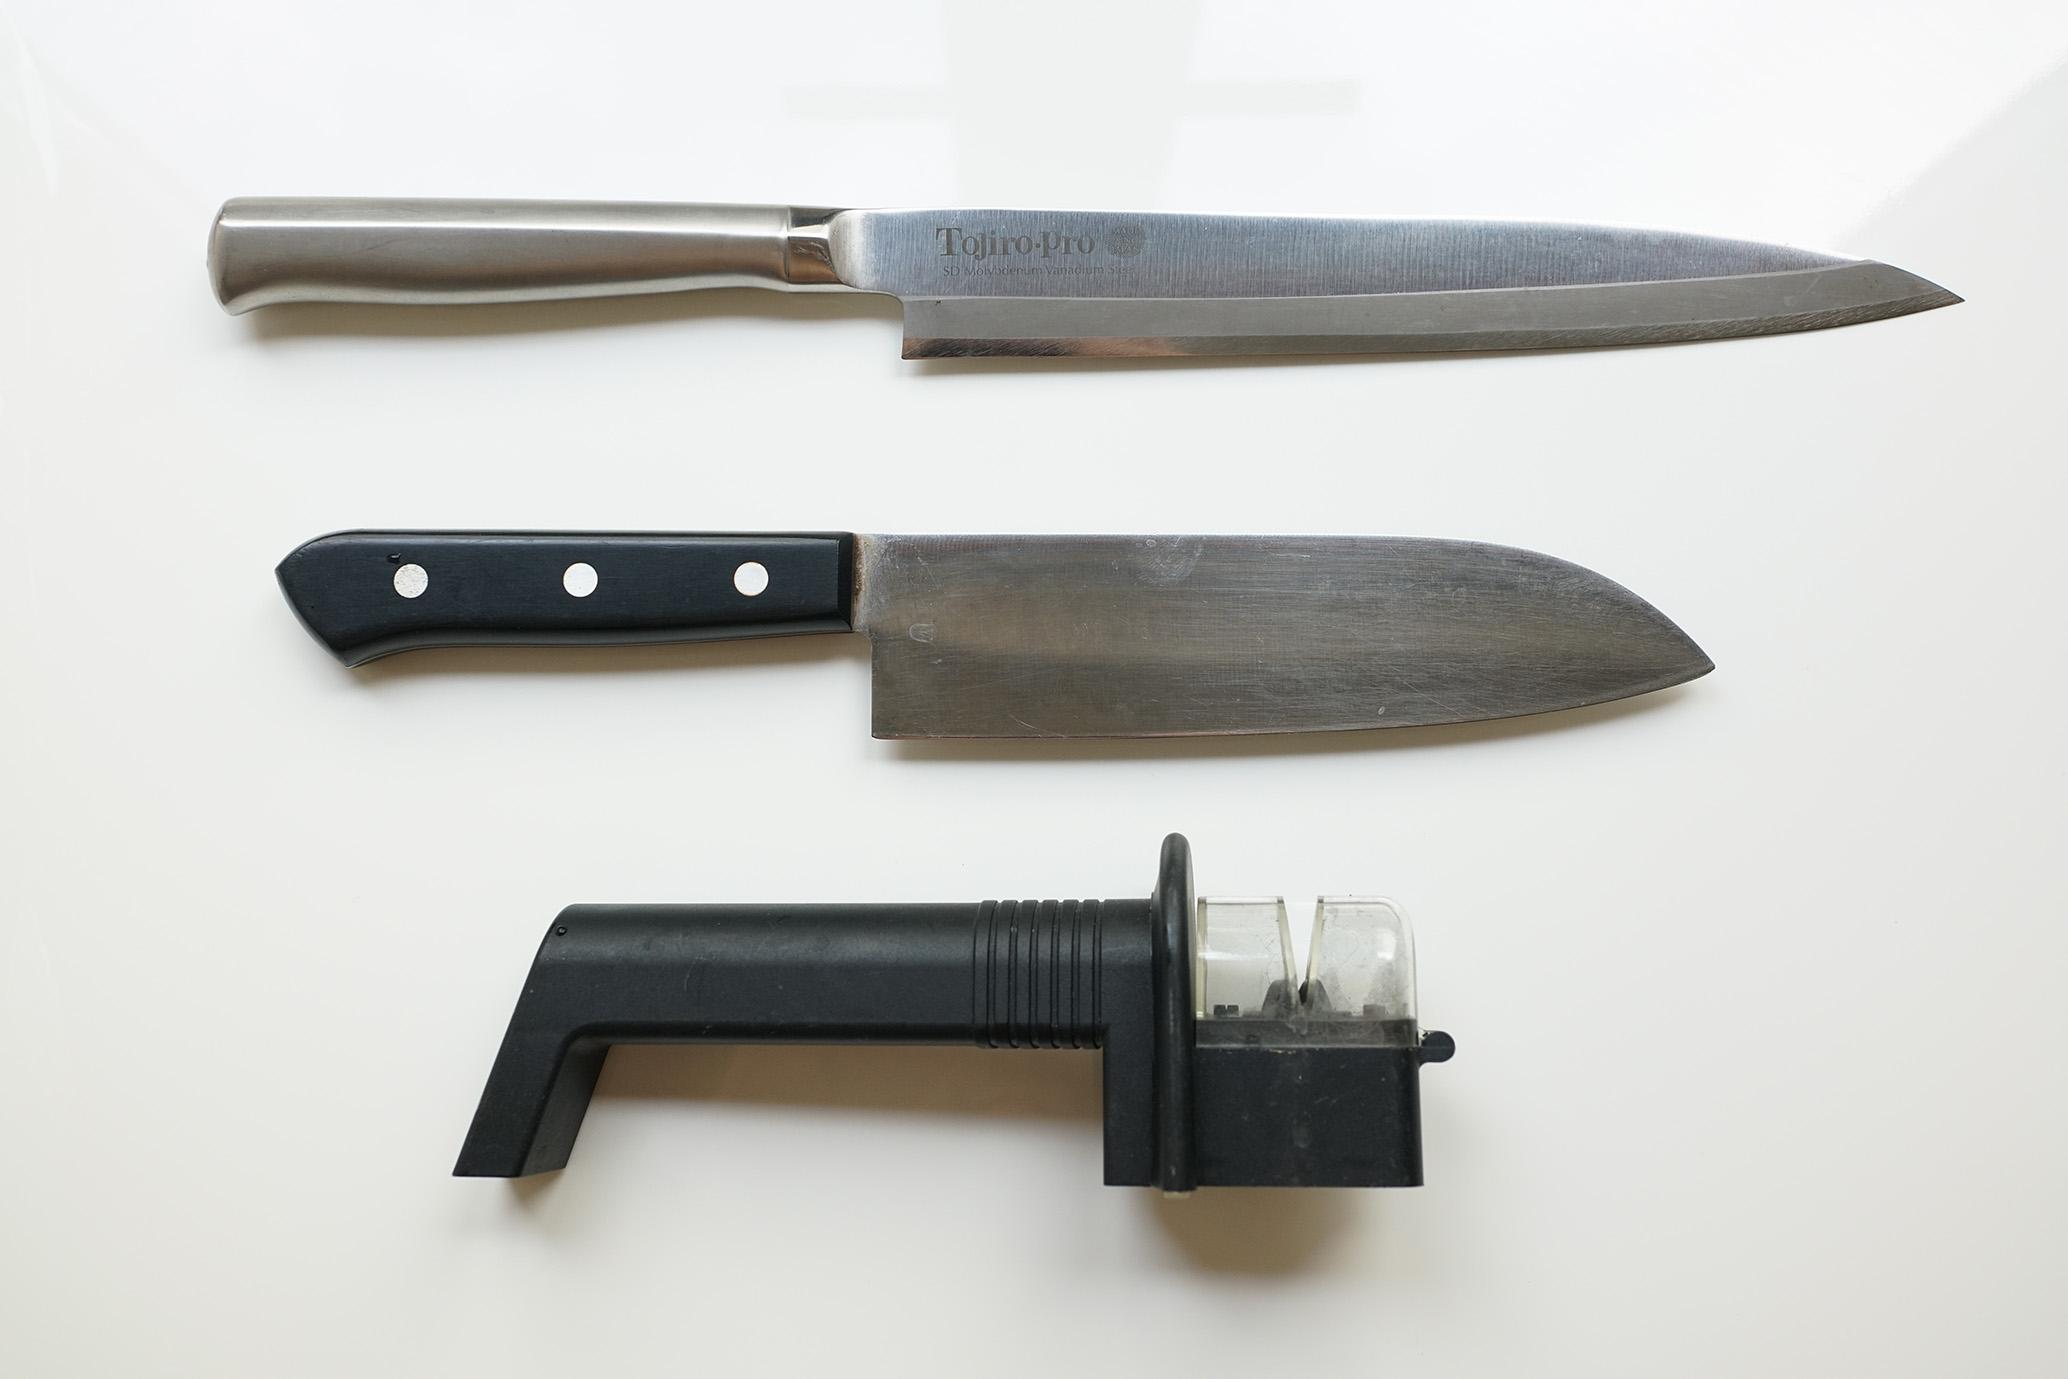 上から柳刃包丁、普通の出刃、京セラロールシャープナー